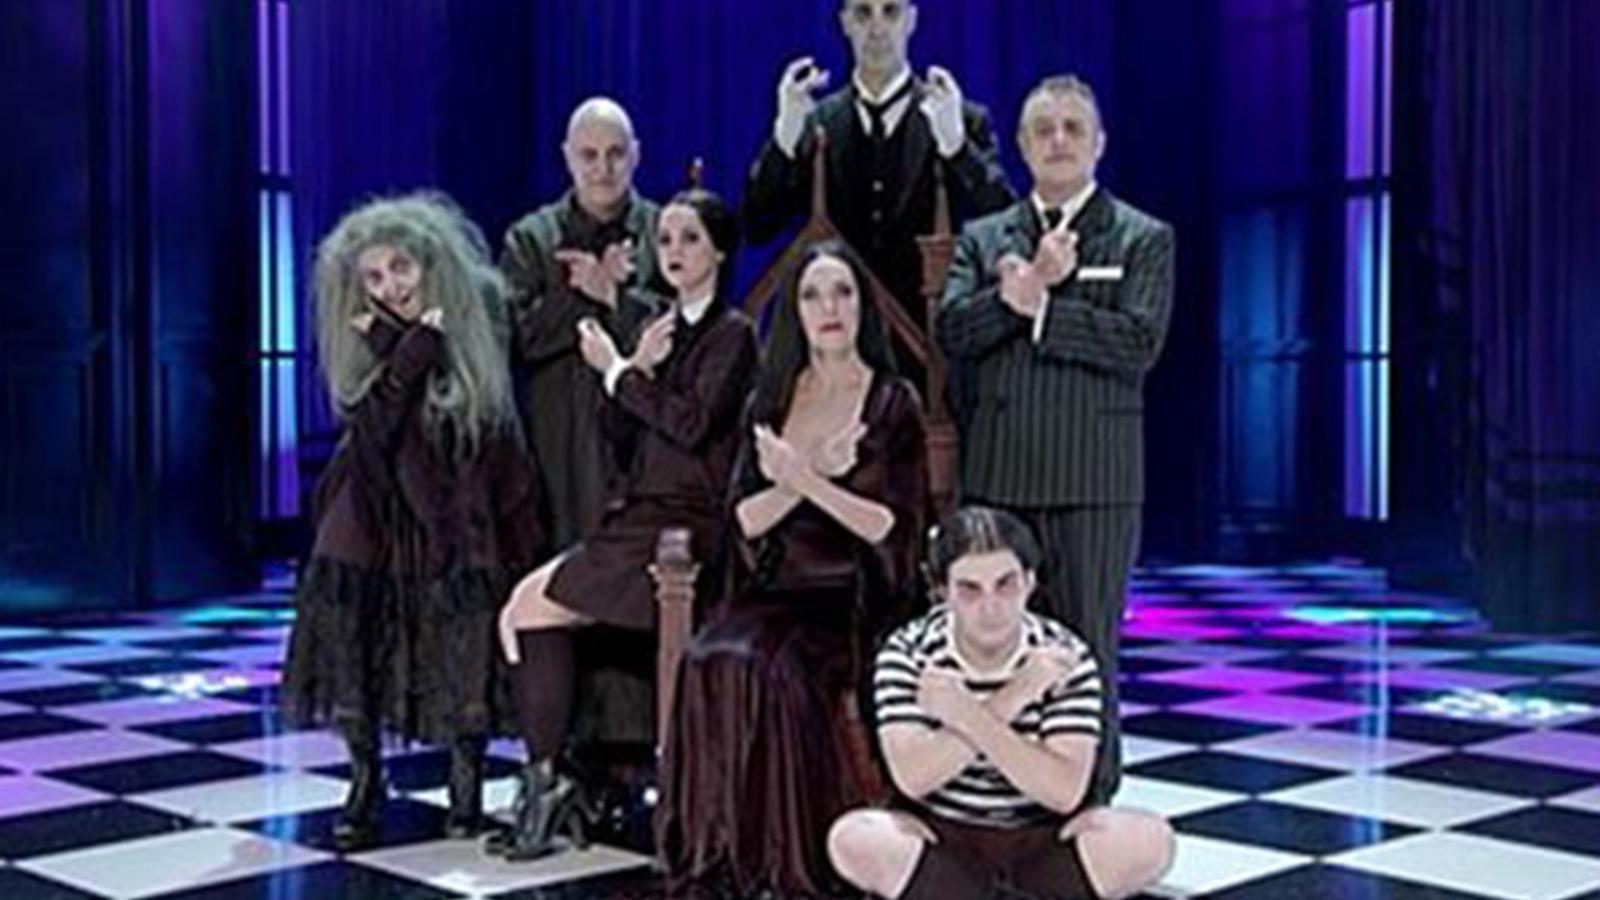 L'andorrana Meritxell Duró dona vida a la bruixa en el musical de la 'Família Addams'.